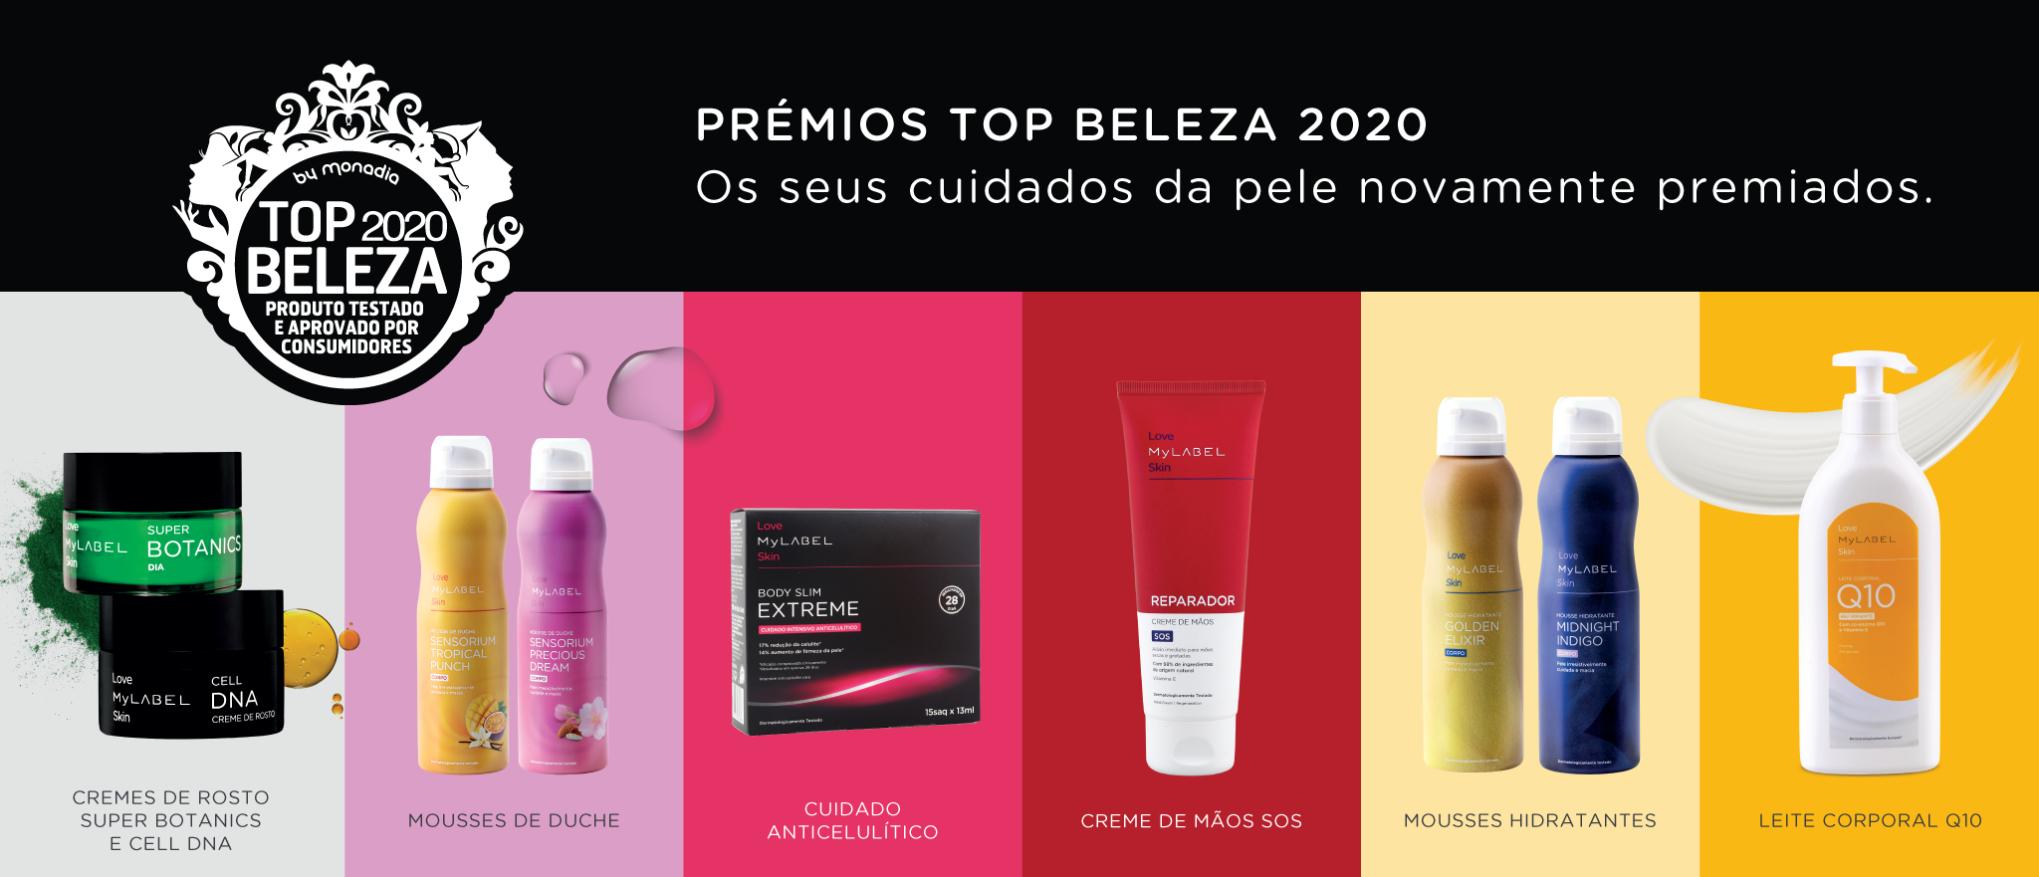 Destaque Top Beleza 2020